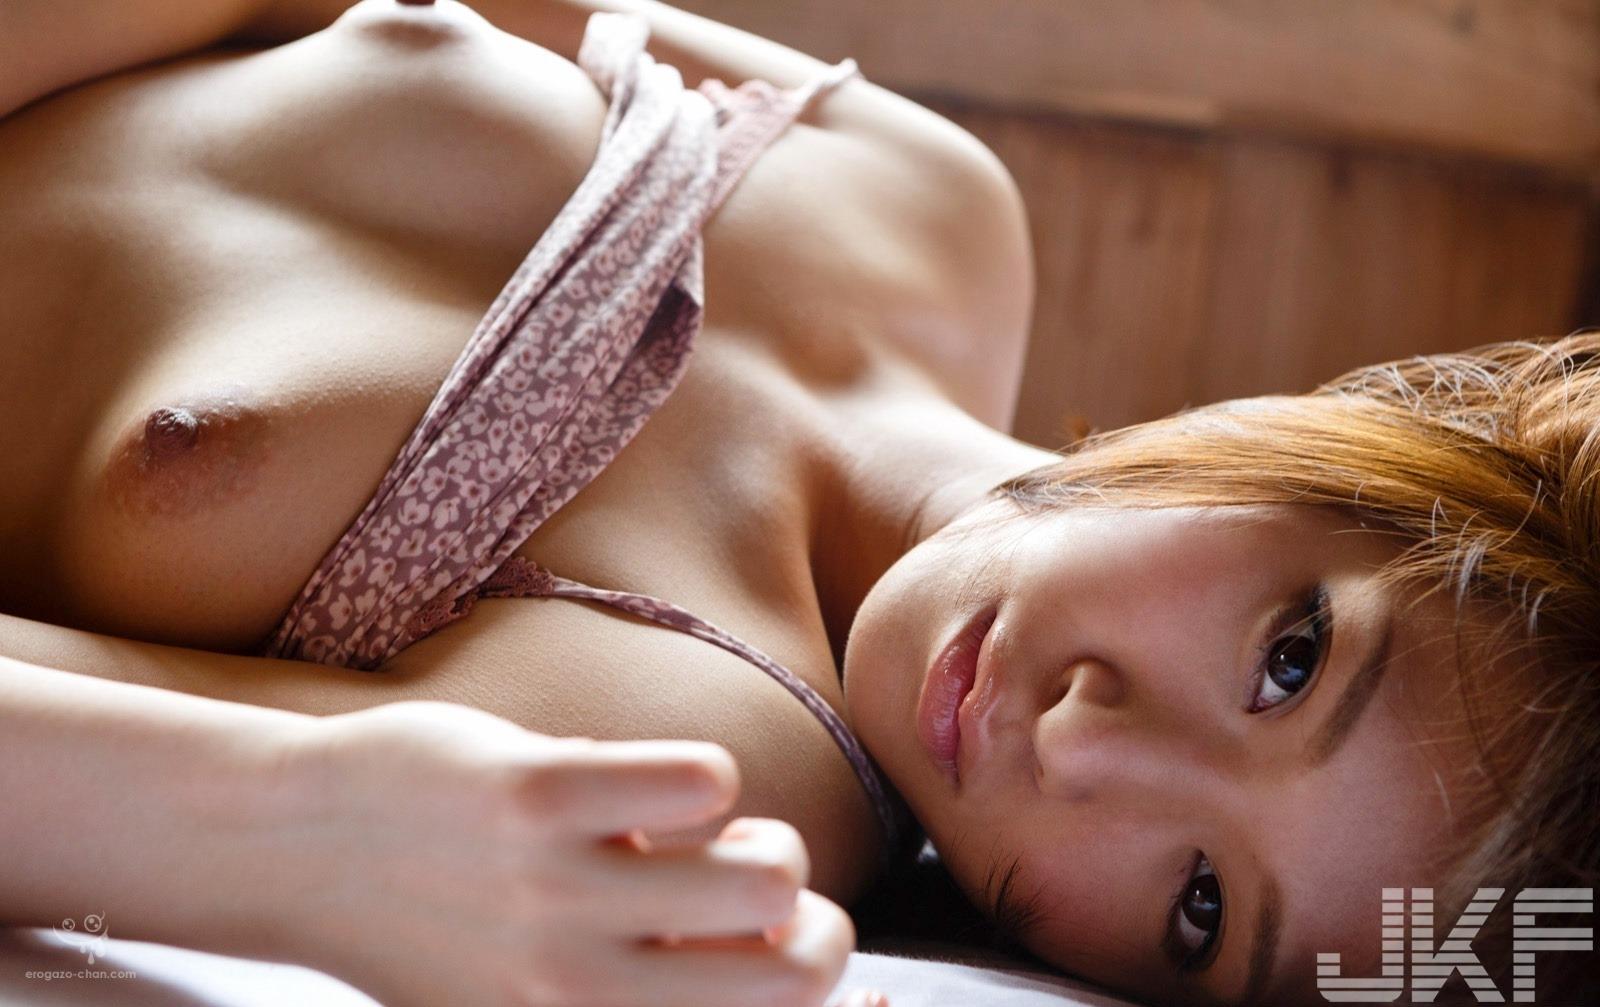 kamiya_mayu_1142-034.jpg